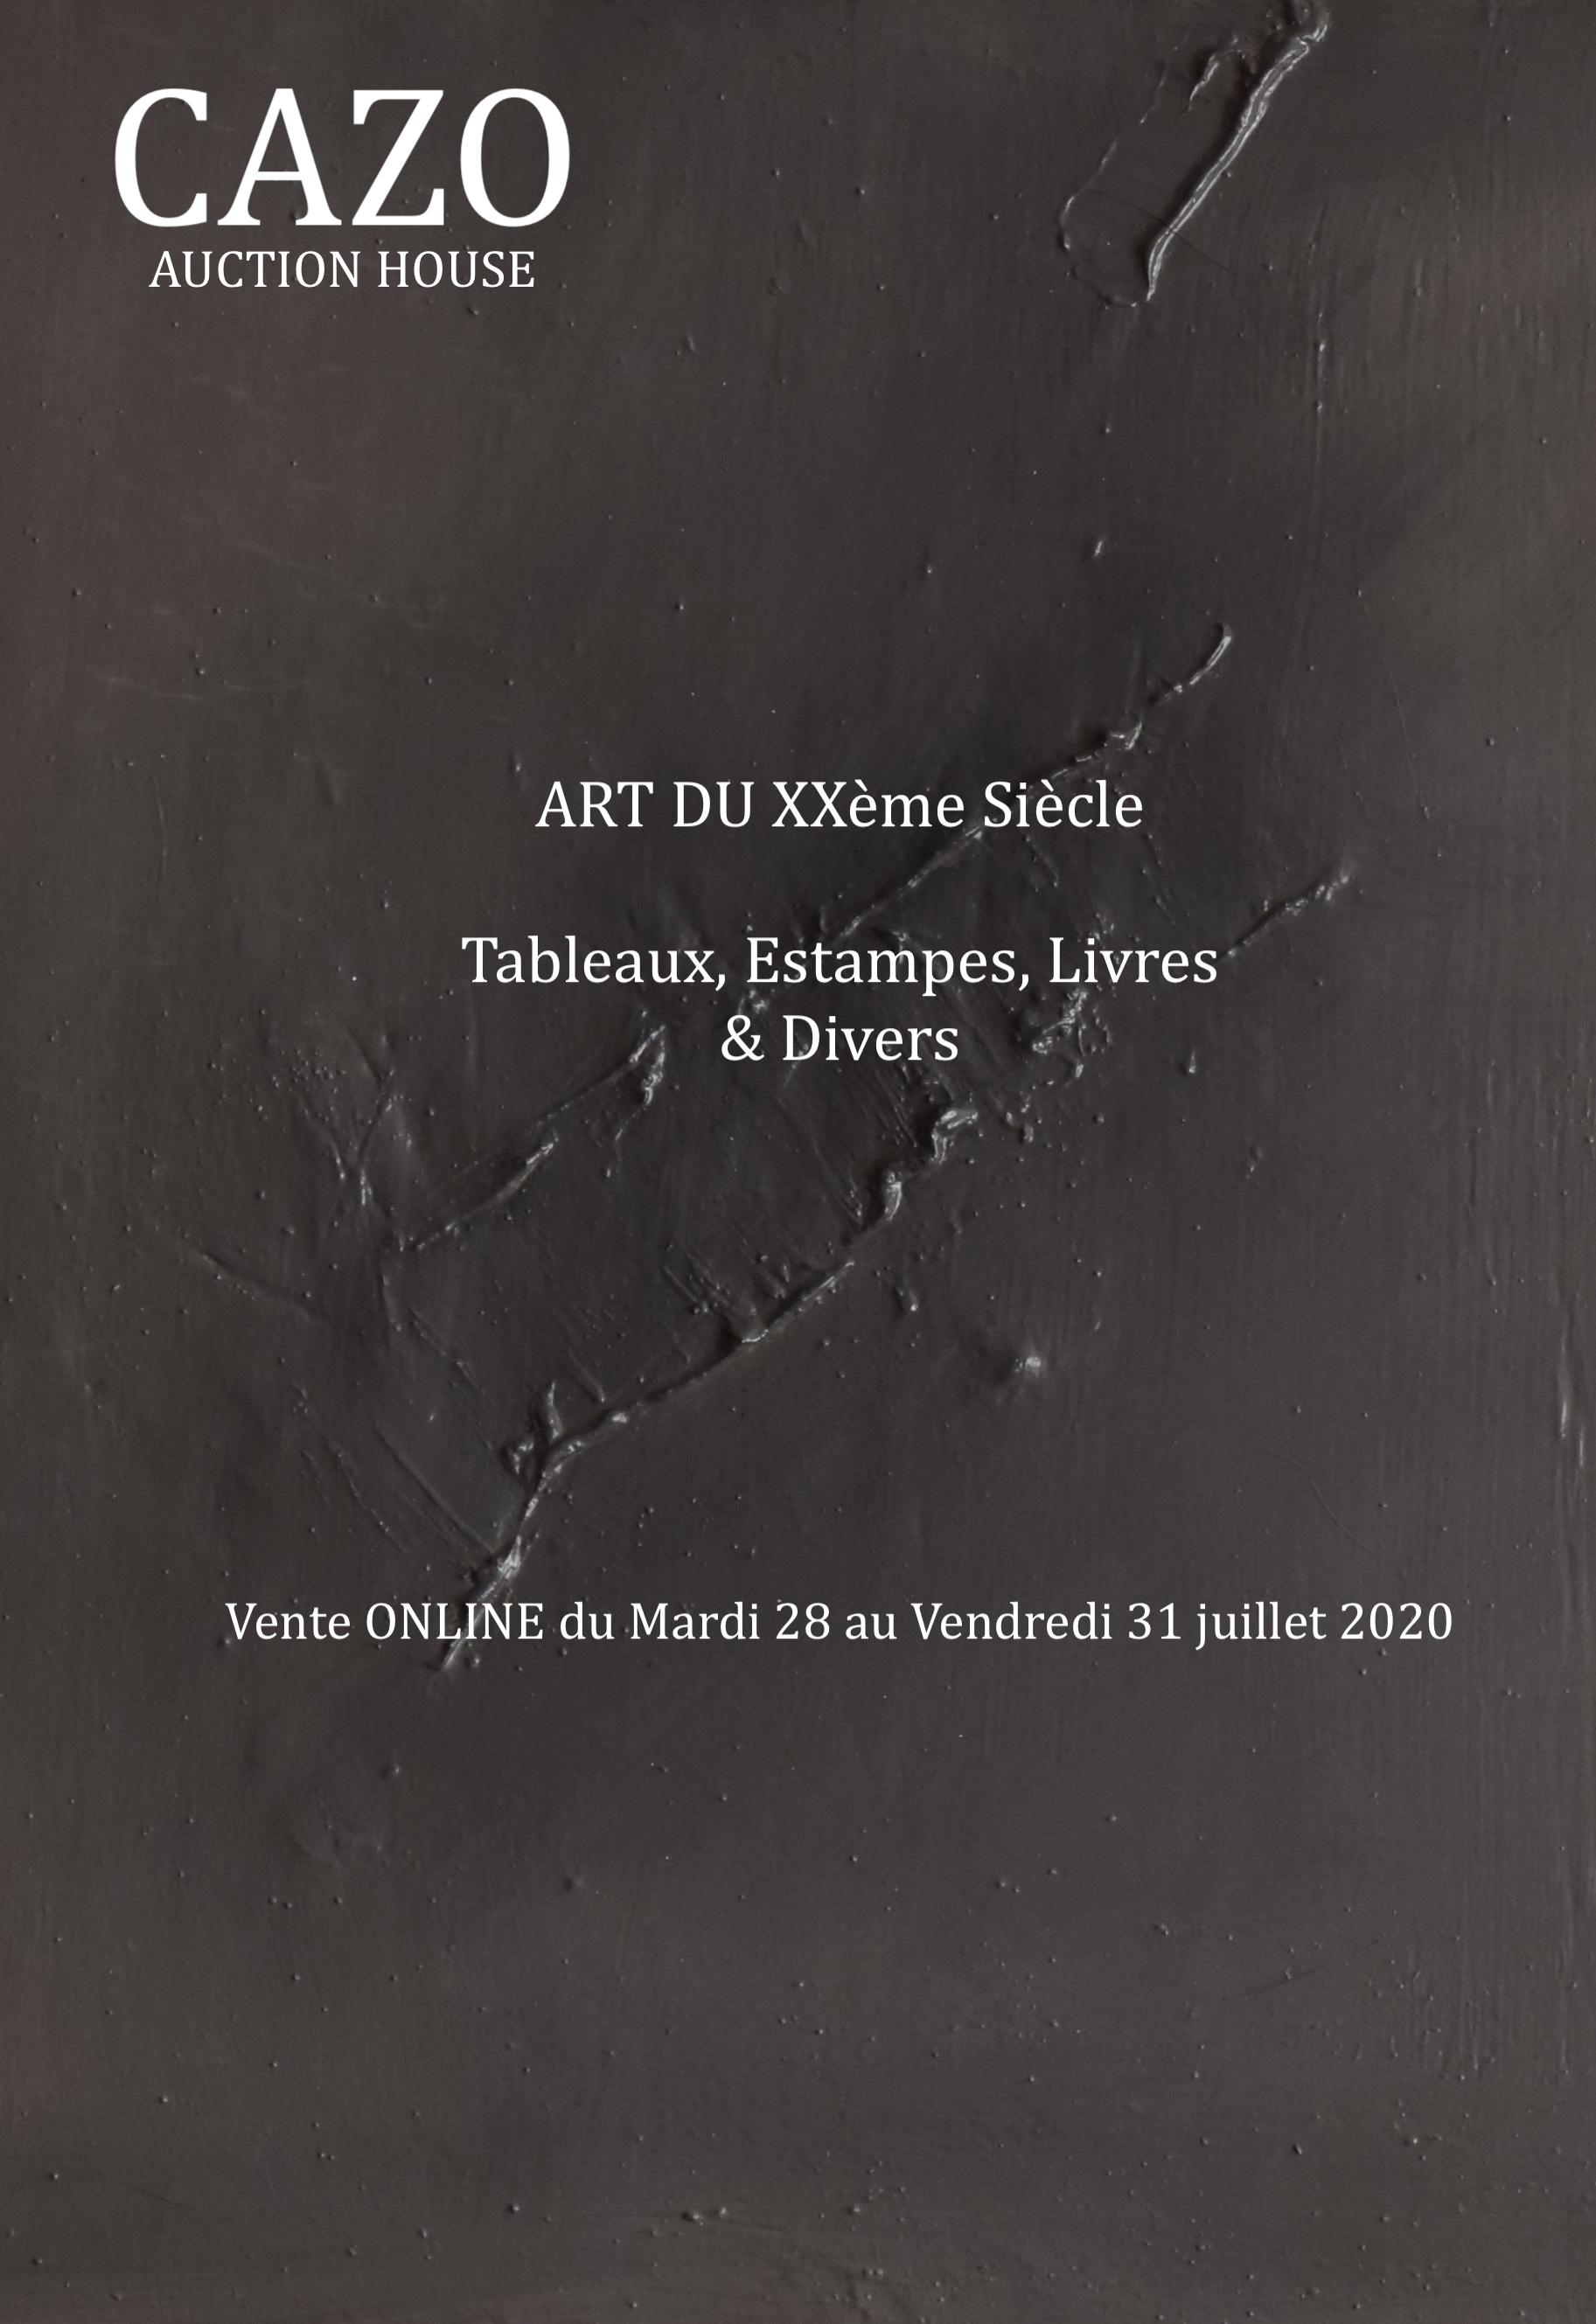 Vente Art du XXème siècle chez Cazo SVV : 33 lots